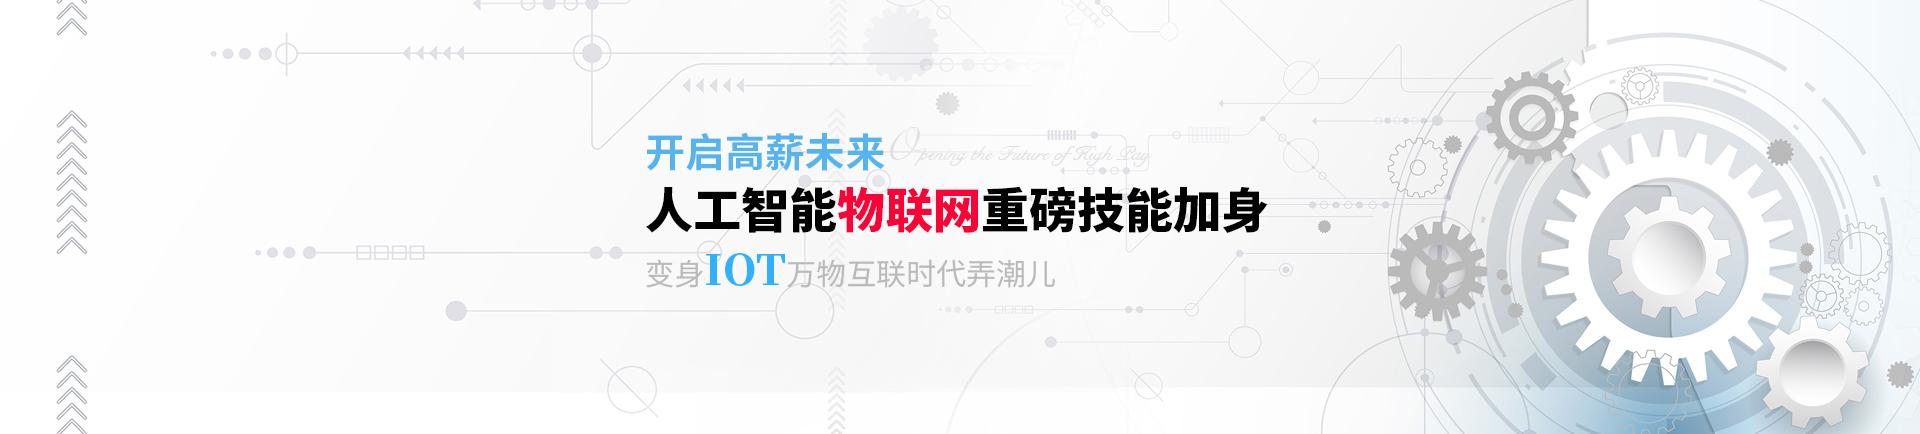 人工智能物�网�磅技能加身 �身IOT万物互�时代弄潮儿-hunan